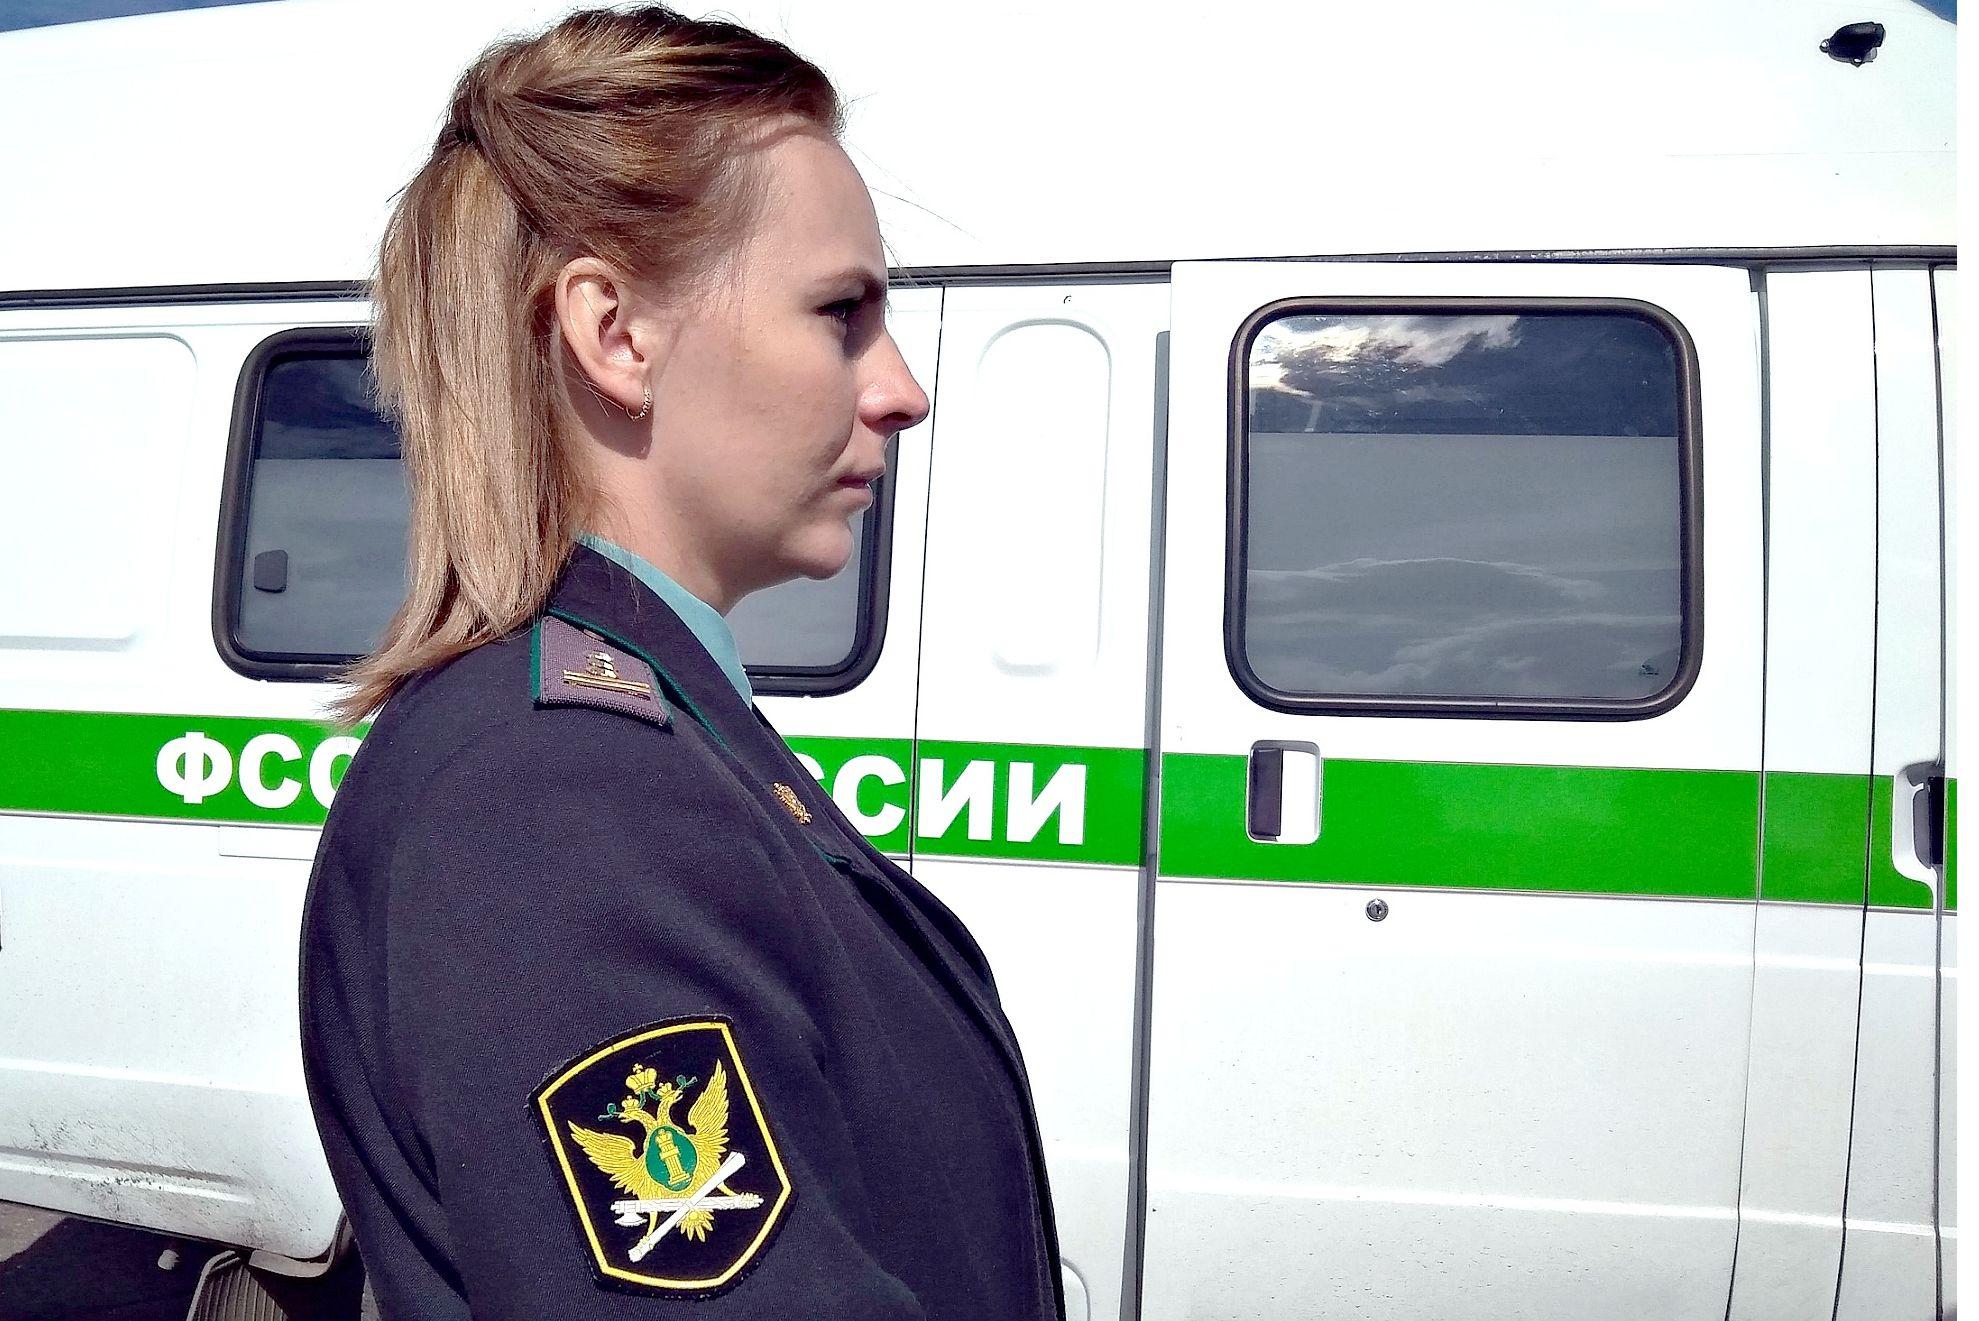 Ярославна присвоила себе часть городской земли и построила забор на дороге